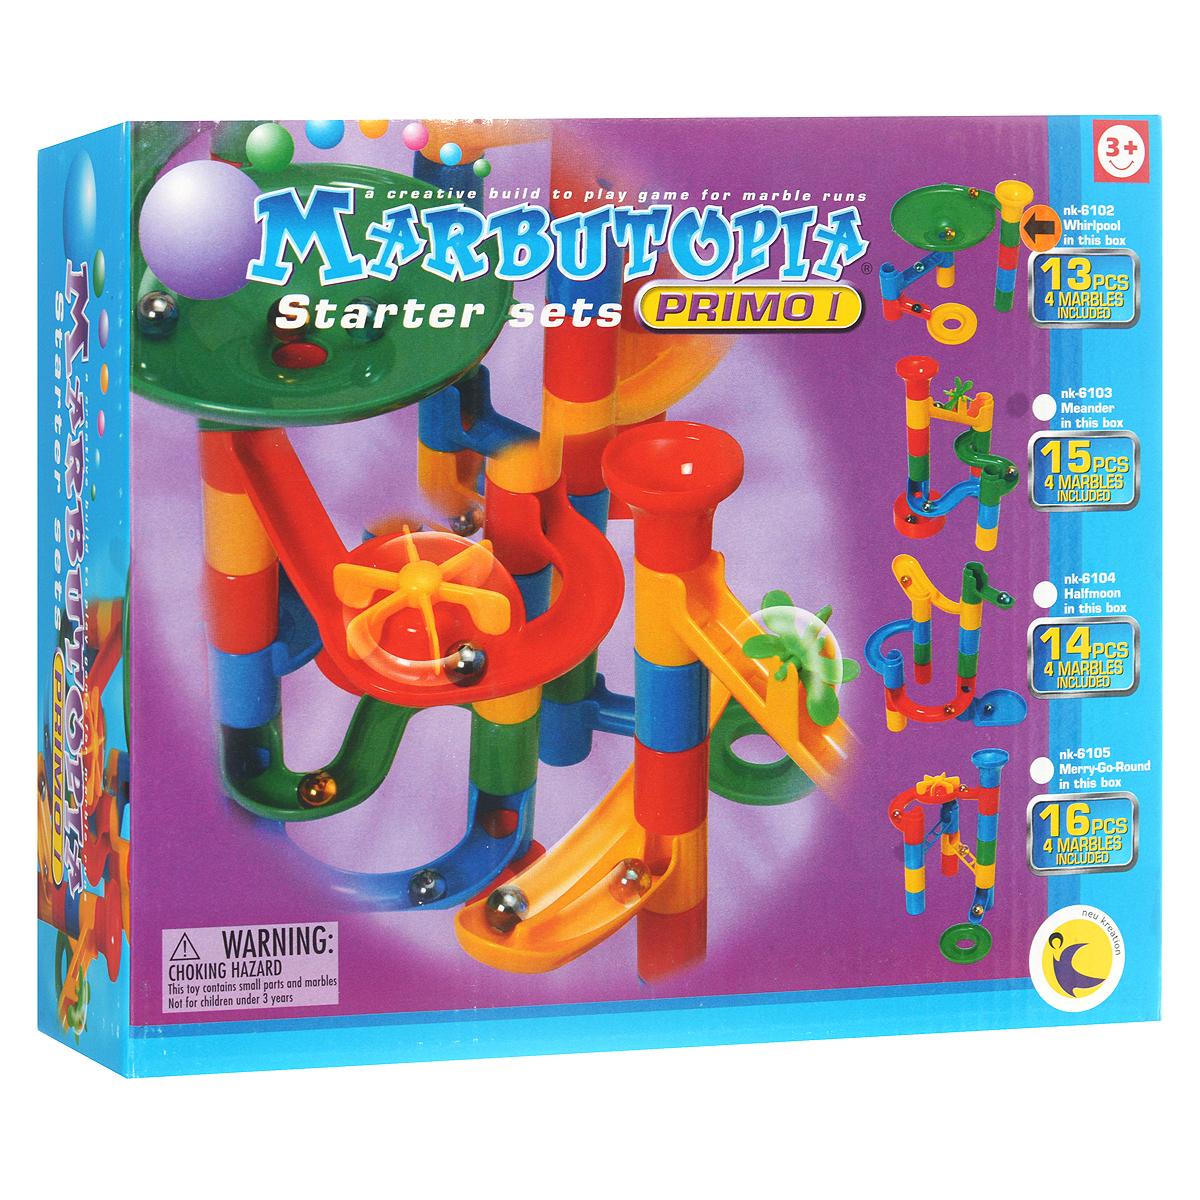 """Конструктор Marbutopia """"Водоворот"""" - первый шаг ребенка в мир конструирования объемных лабиринтов. В данном комплекте имеются разноцветные пластиковые детали: дорожки-переходники, """"водоворот"""", вертикальные трубки, 4 стеклянных шарика-хамелеона и другие. Основная задача - построить горку так, чтобы шарик не застревал, а скатывался вниз по дорожкам и виражам. Особенность конструктора заключается в том, что он позволяет ребенку строить бесконечные забавные лабиринты руководствуясь своей фантазией или по прилагаемой инструкции (2 варианта сборки лабиринта). Конструирование лабиринтов полезно для развития пространственного мышления и воображения. Также развивает координацию, моторику, концентрацию, планирование, стратегию, понятие причины и следствия. Раннее развитие этих навыков, как известно, существенно увеличивает академические и интеллектуальные способности ребенка. Набор """"Водоворот"""" совместим с другими наборами серии """"Primo"""" благодаря чему вы всегда можете..."""